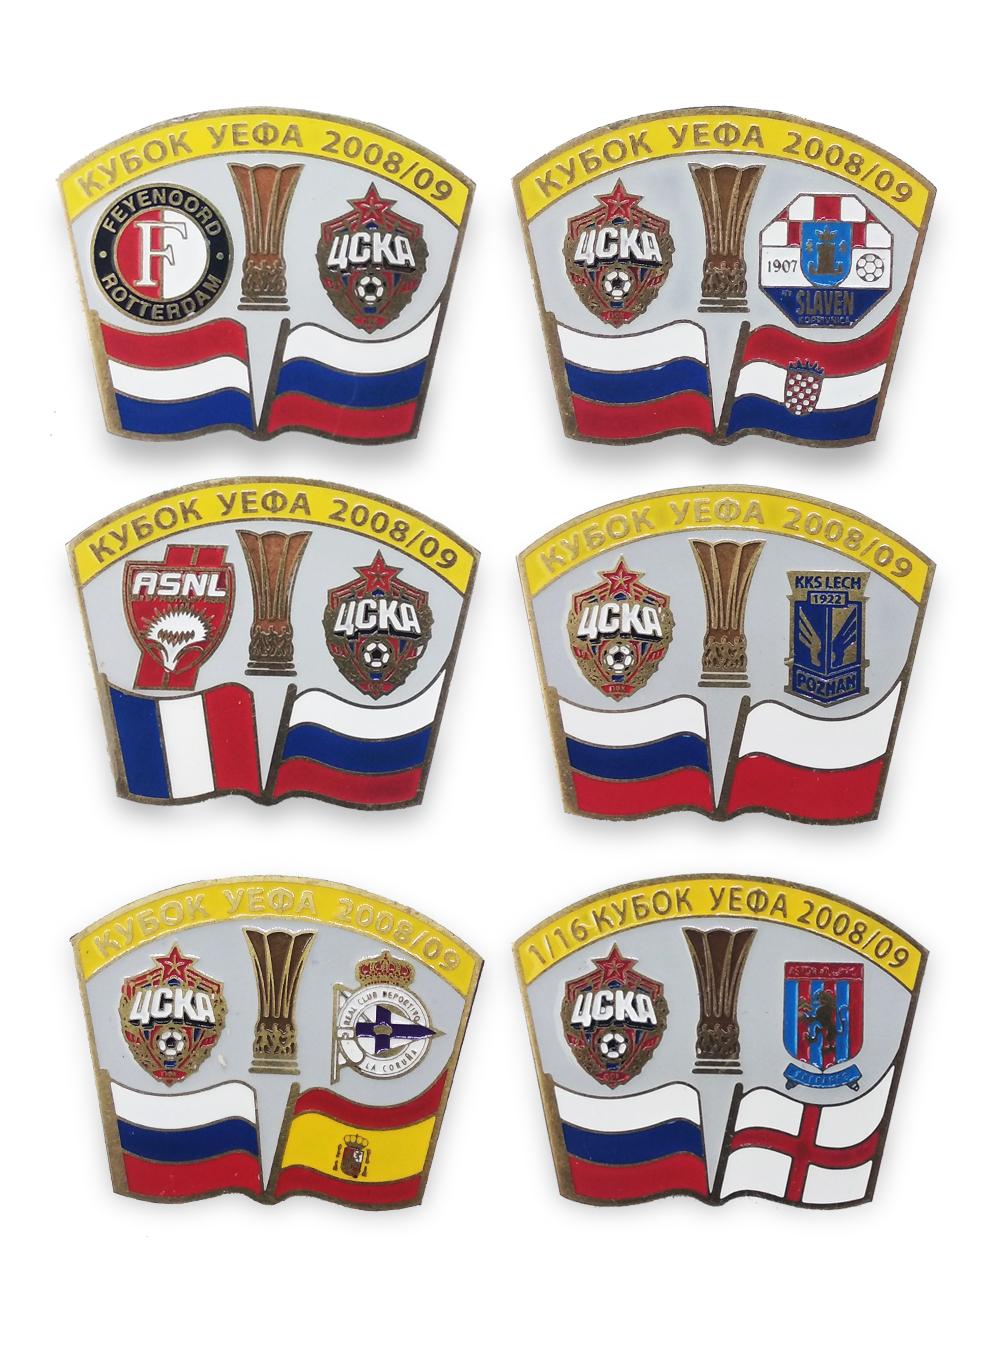 Набор коллекционных значков ЦСКА в ЕВРОКУБКАХ 2008-2009 (6 шт.) фото